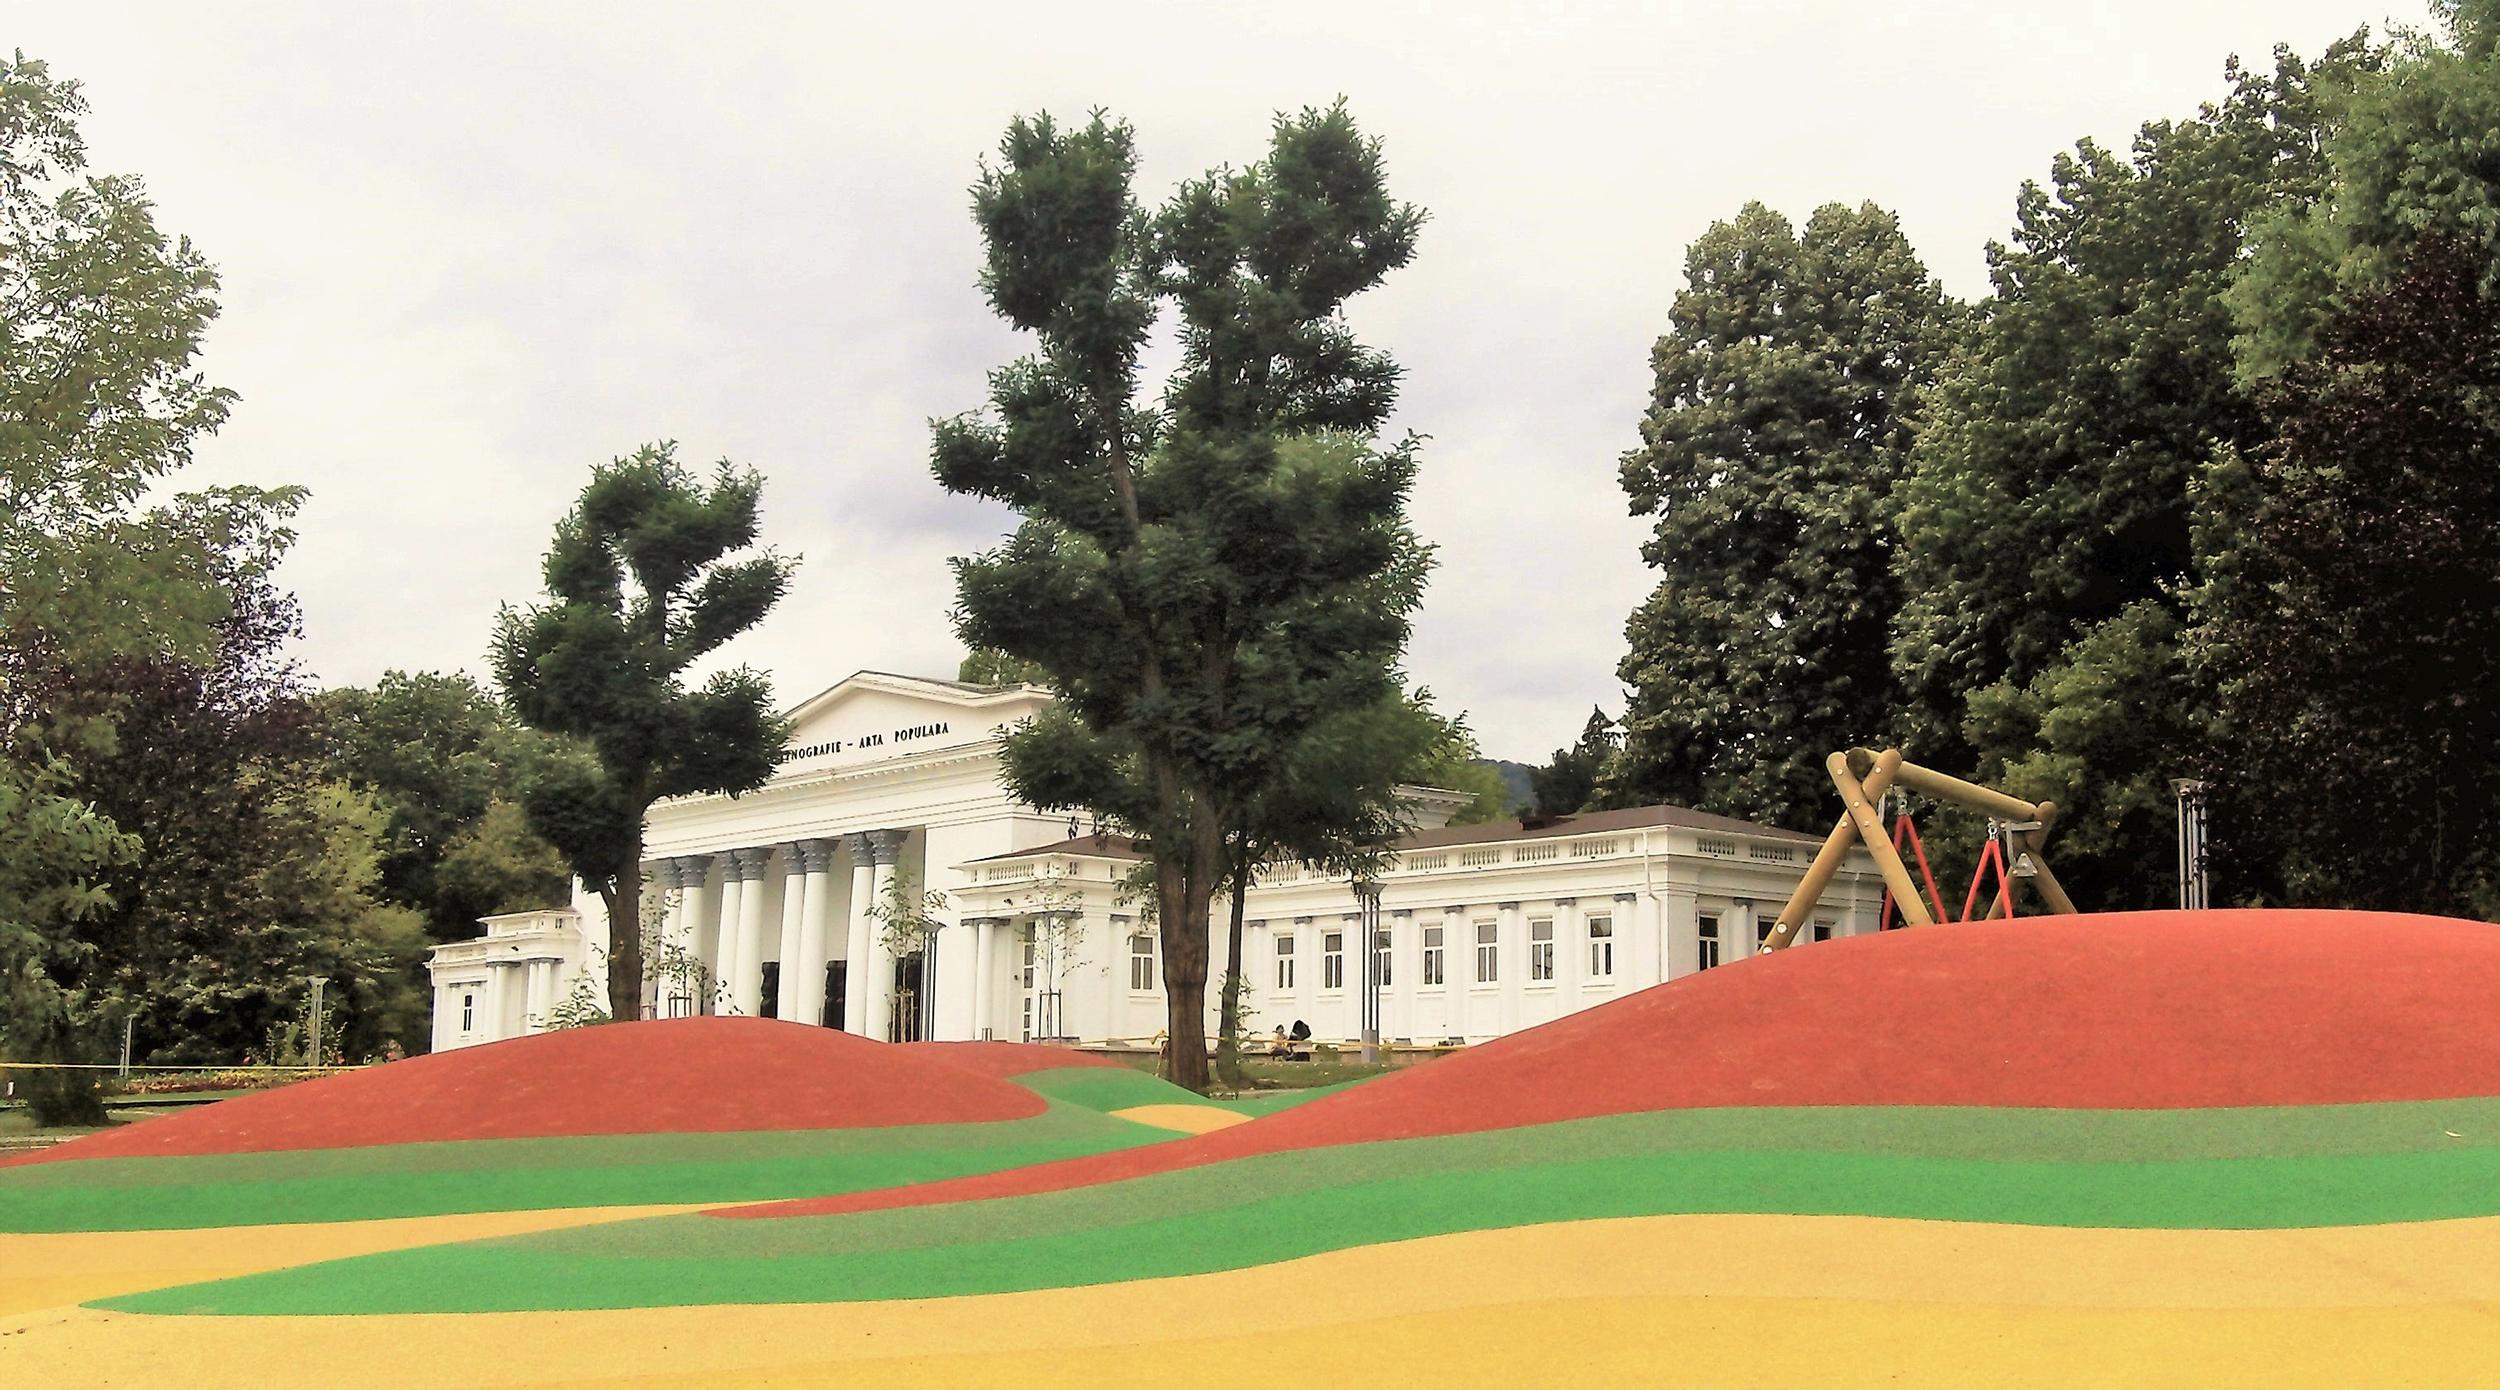 Youth Park - Nominalizarile pentru Premiile Romanian Building Awards - premii de recunoastere publica a excelentei in proiectarea si executia spatiului construit din Romania